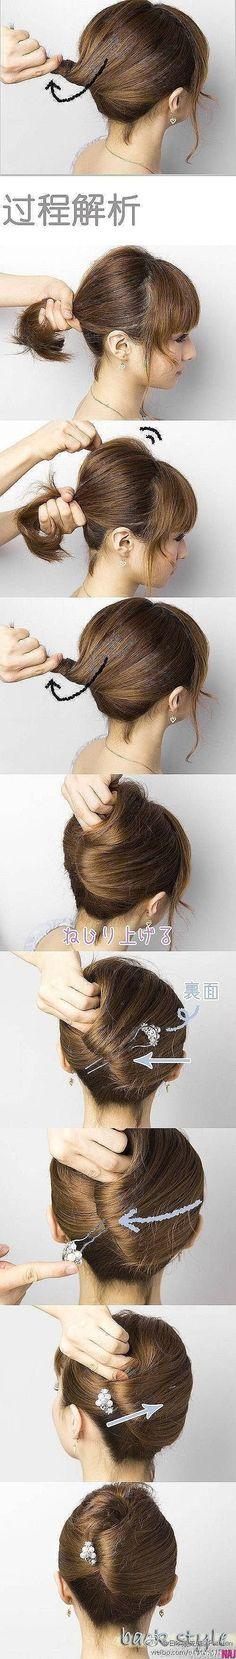 Masz krótkie włosy a marzy Ci się kok? Zobacz jak go zrobić!